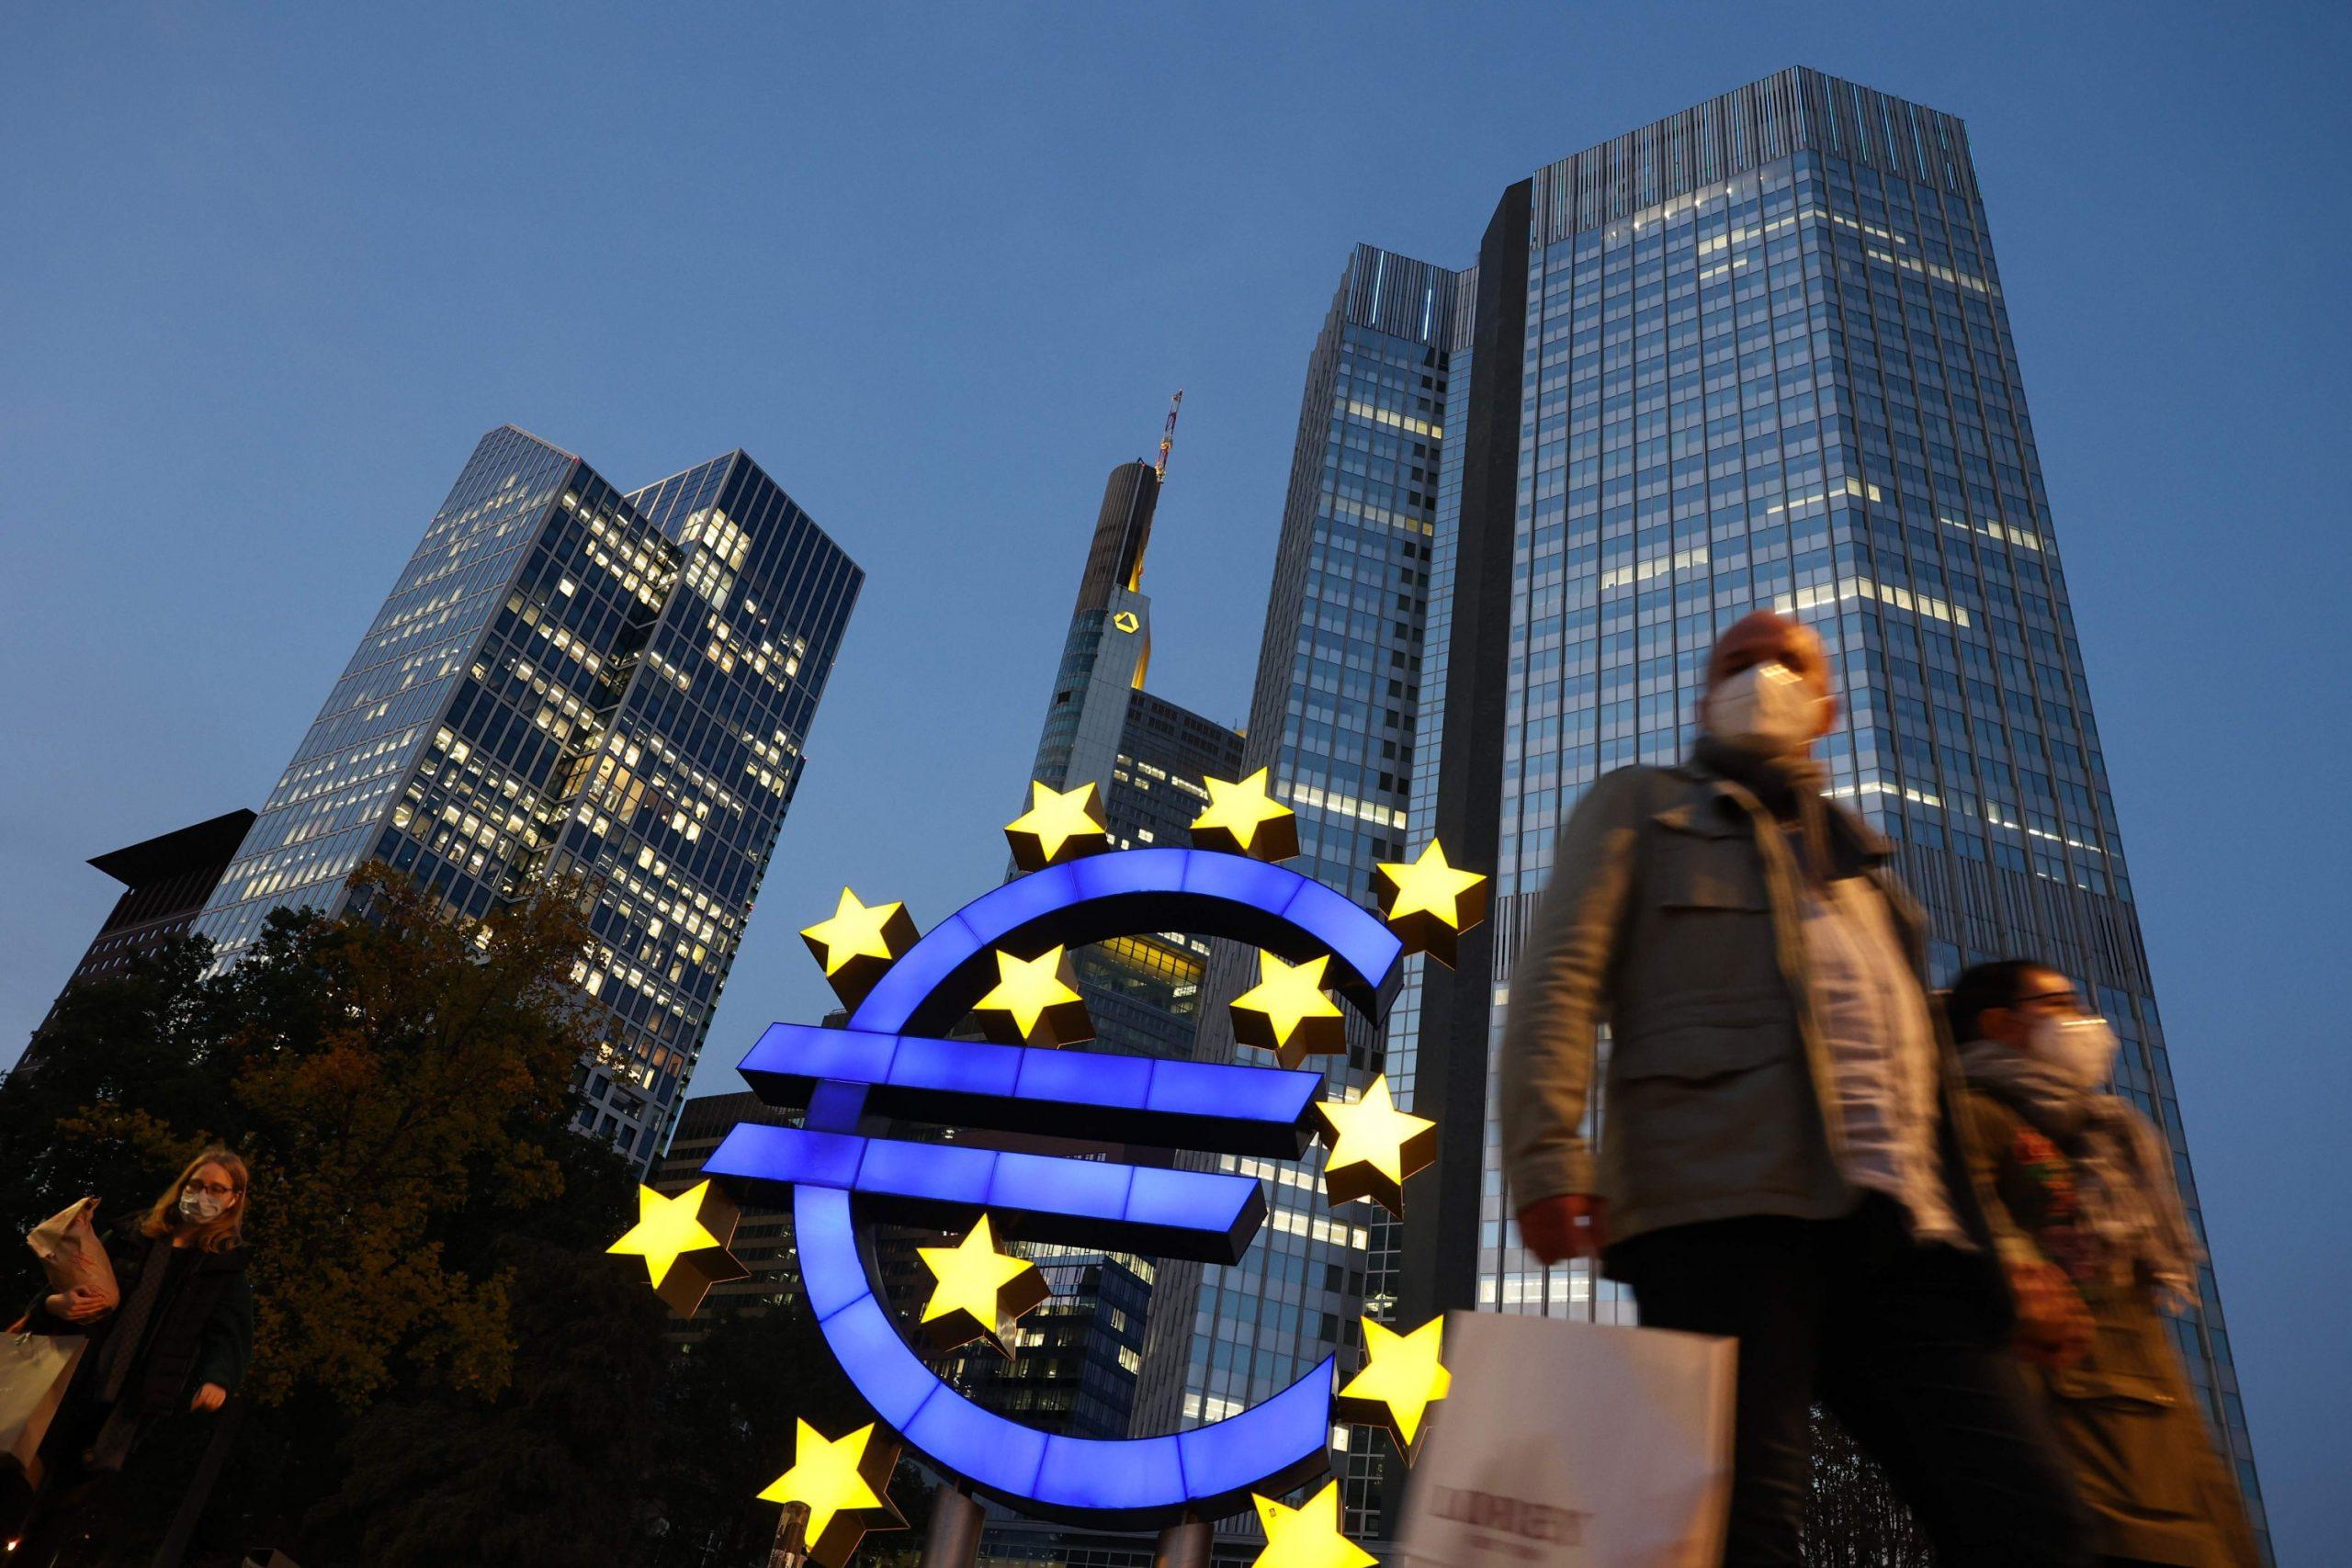 BE-ja miraton 14.2 miliardë euro për vendet në zgjerim, përfiton edhe Kosova